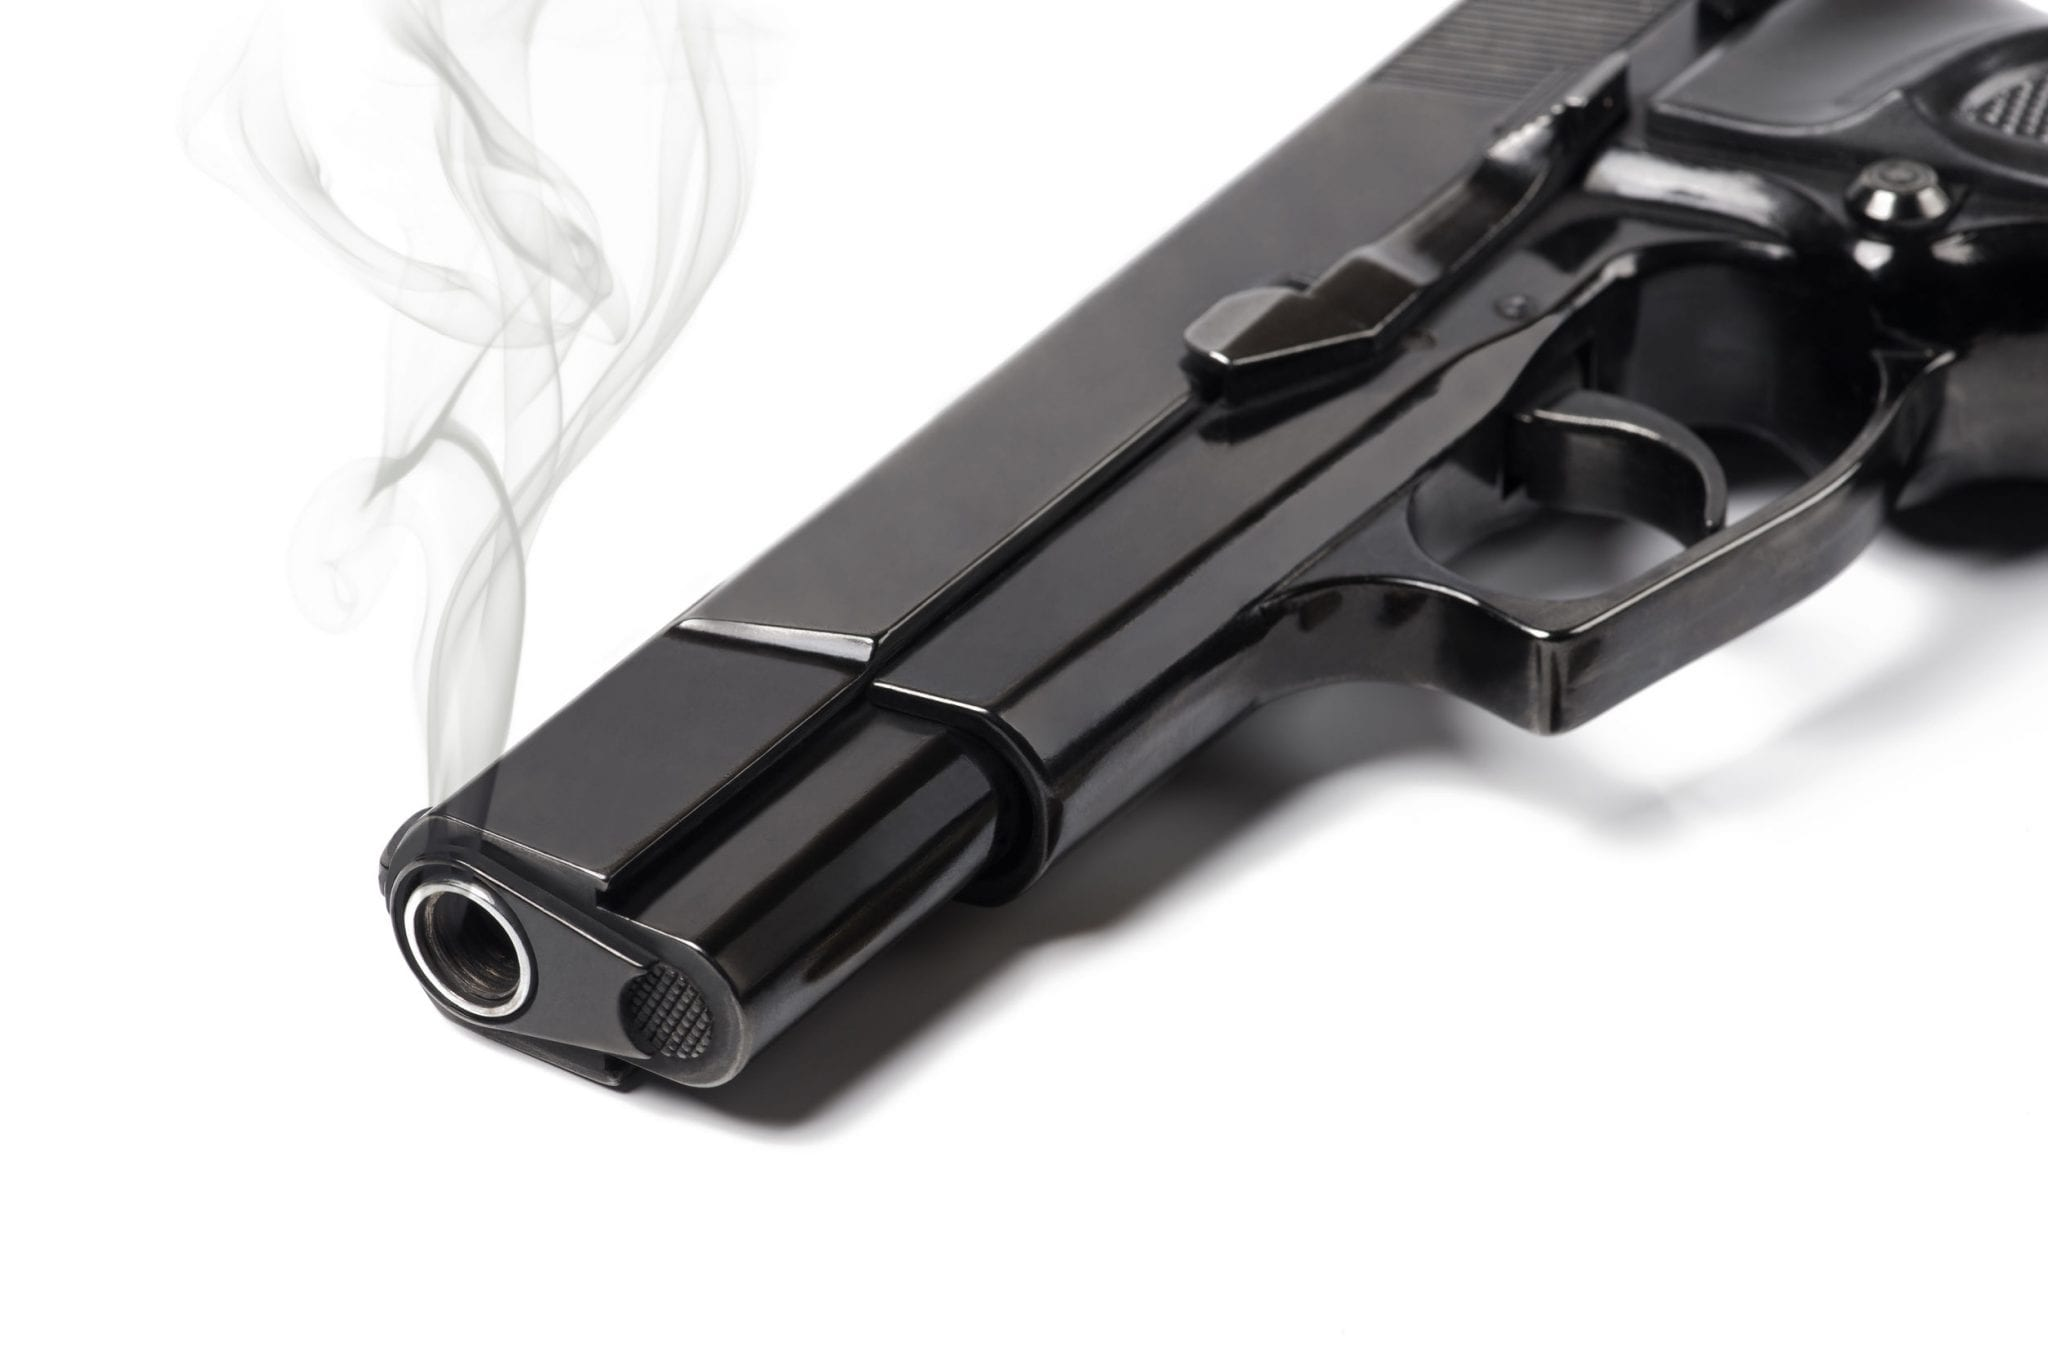 TX Homicide Isn't Always Murder – Sometimes It's Criminal Negligence